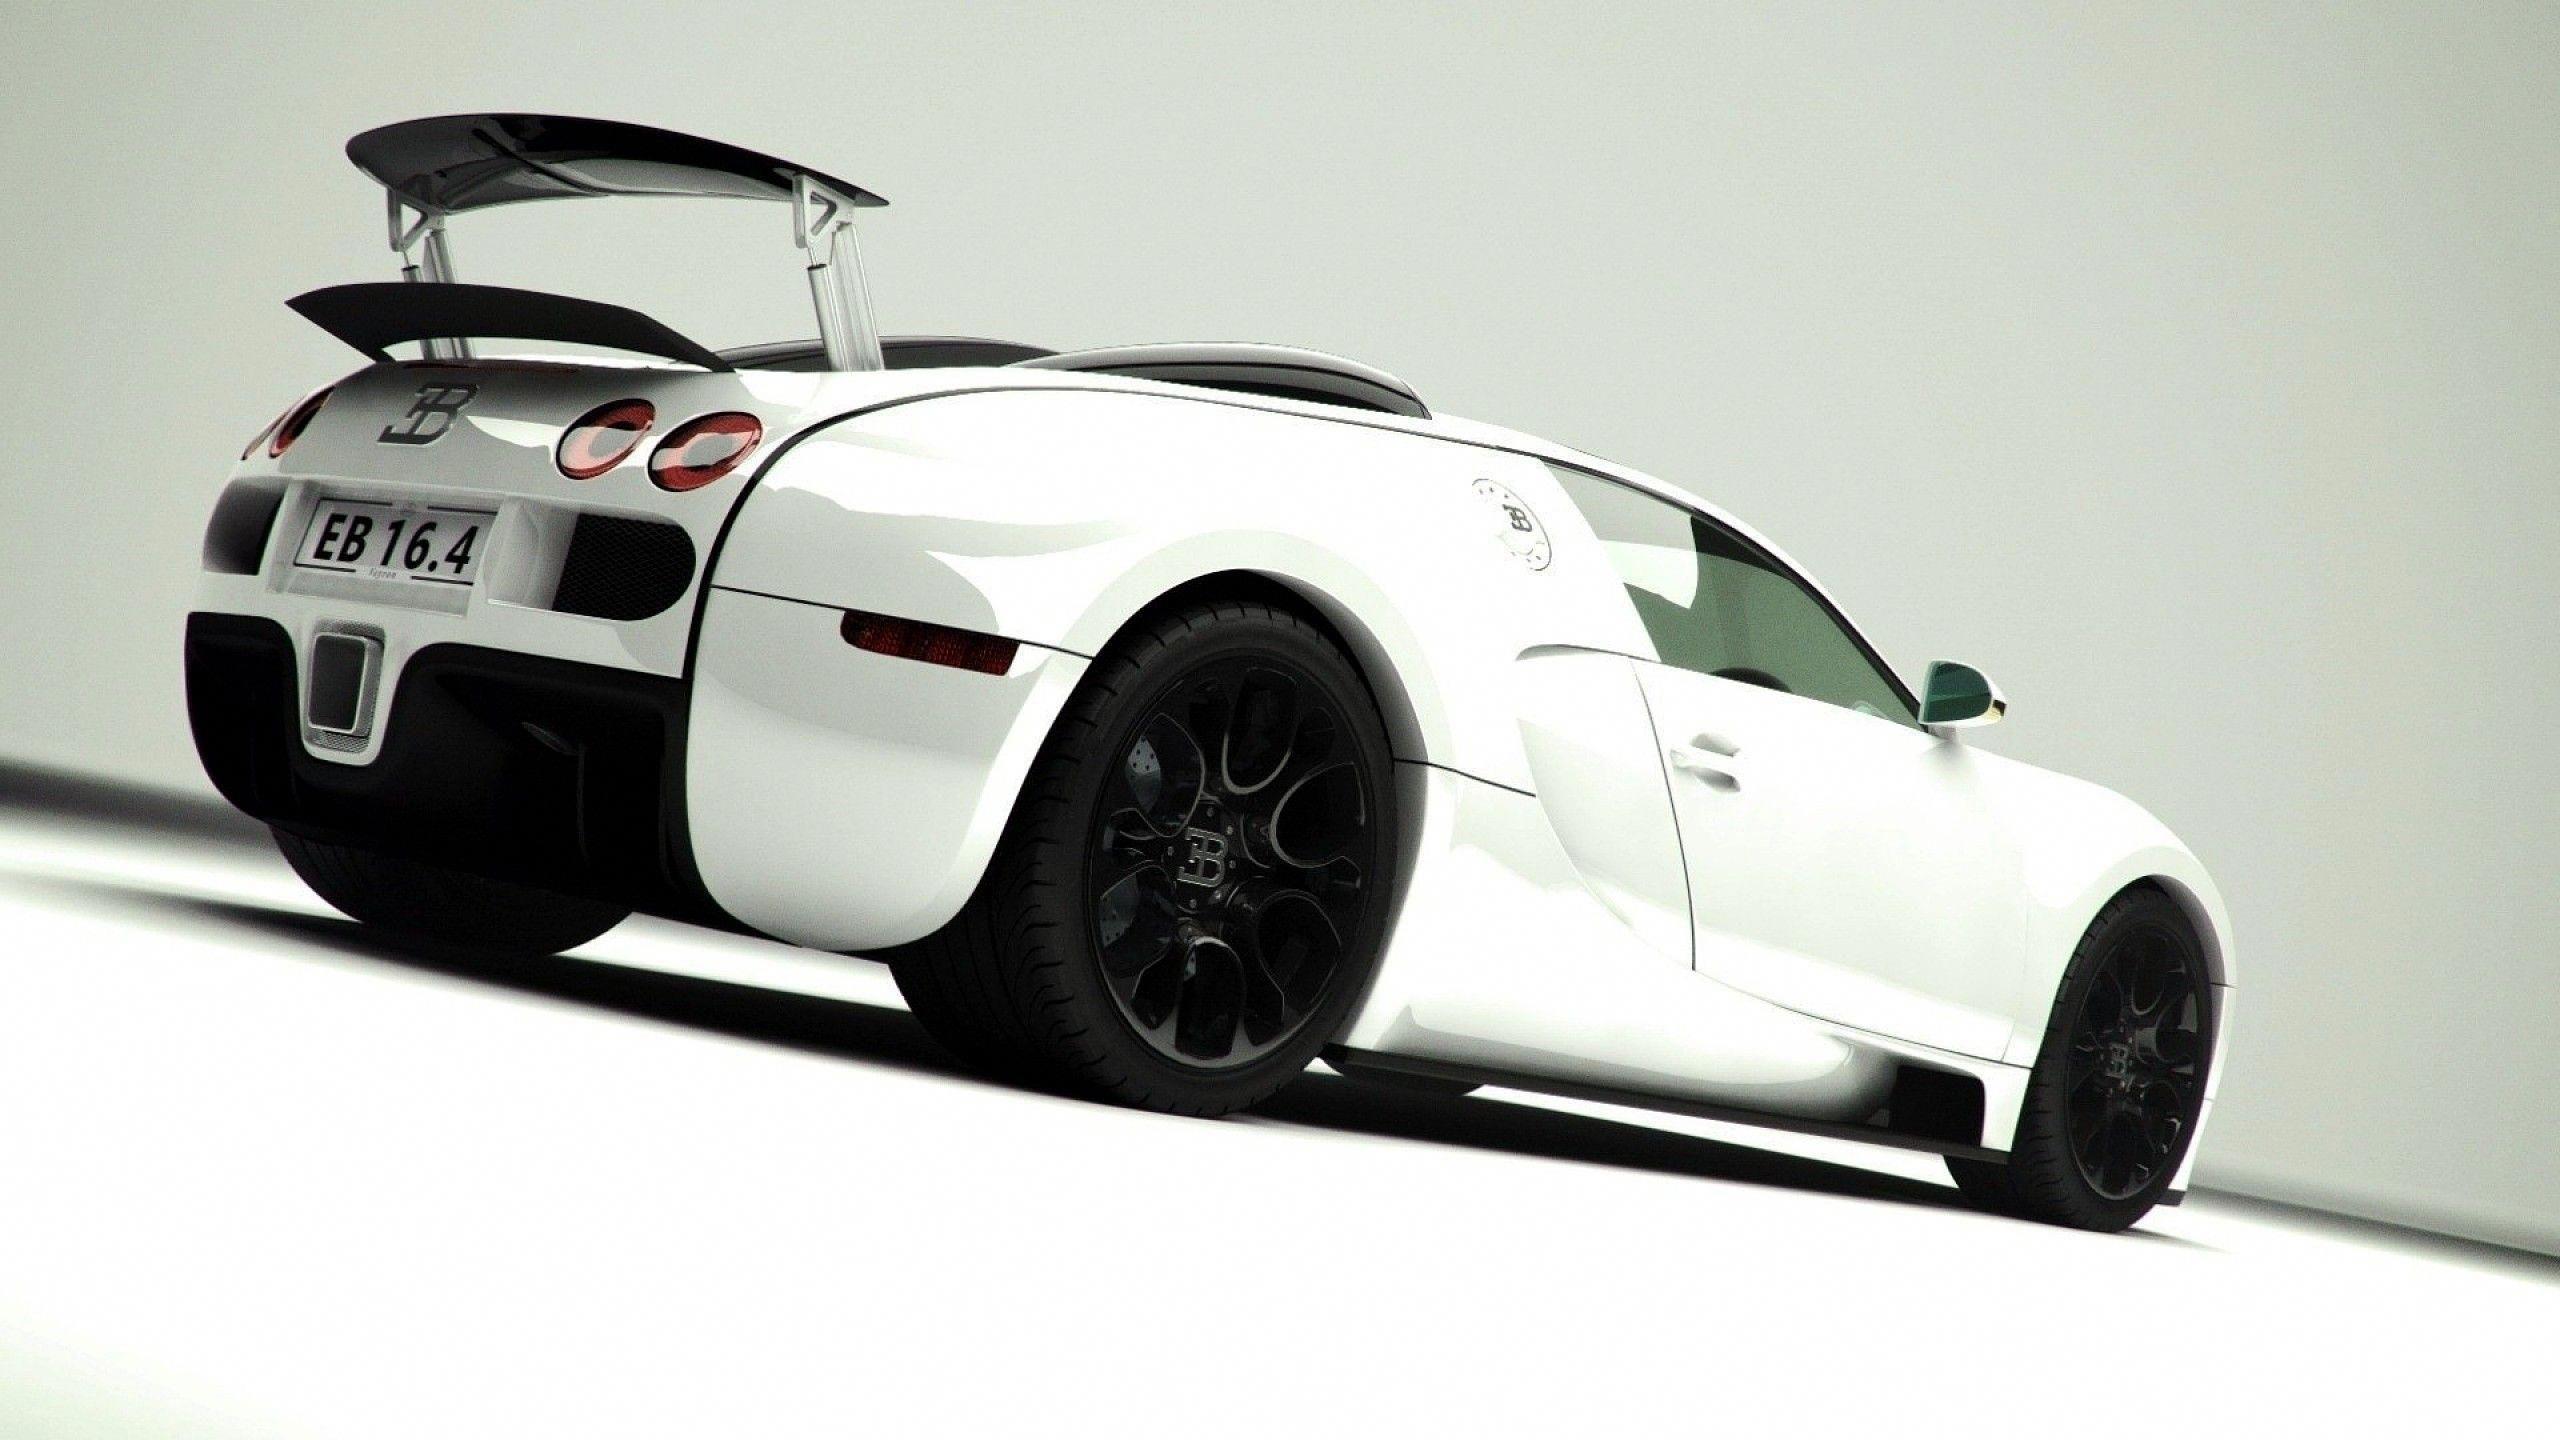 Bugattichironwallpapers Cars Bugatti Veyron Bugatti Wallpapers Bugatti Veyron